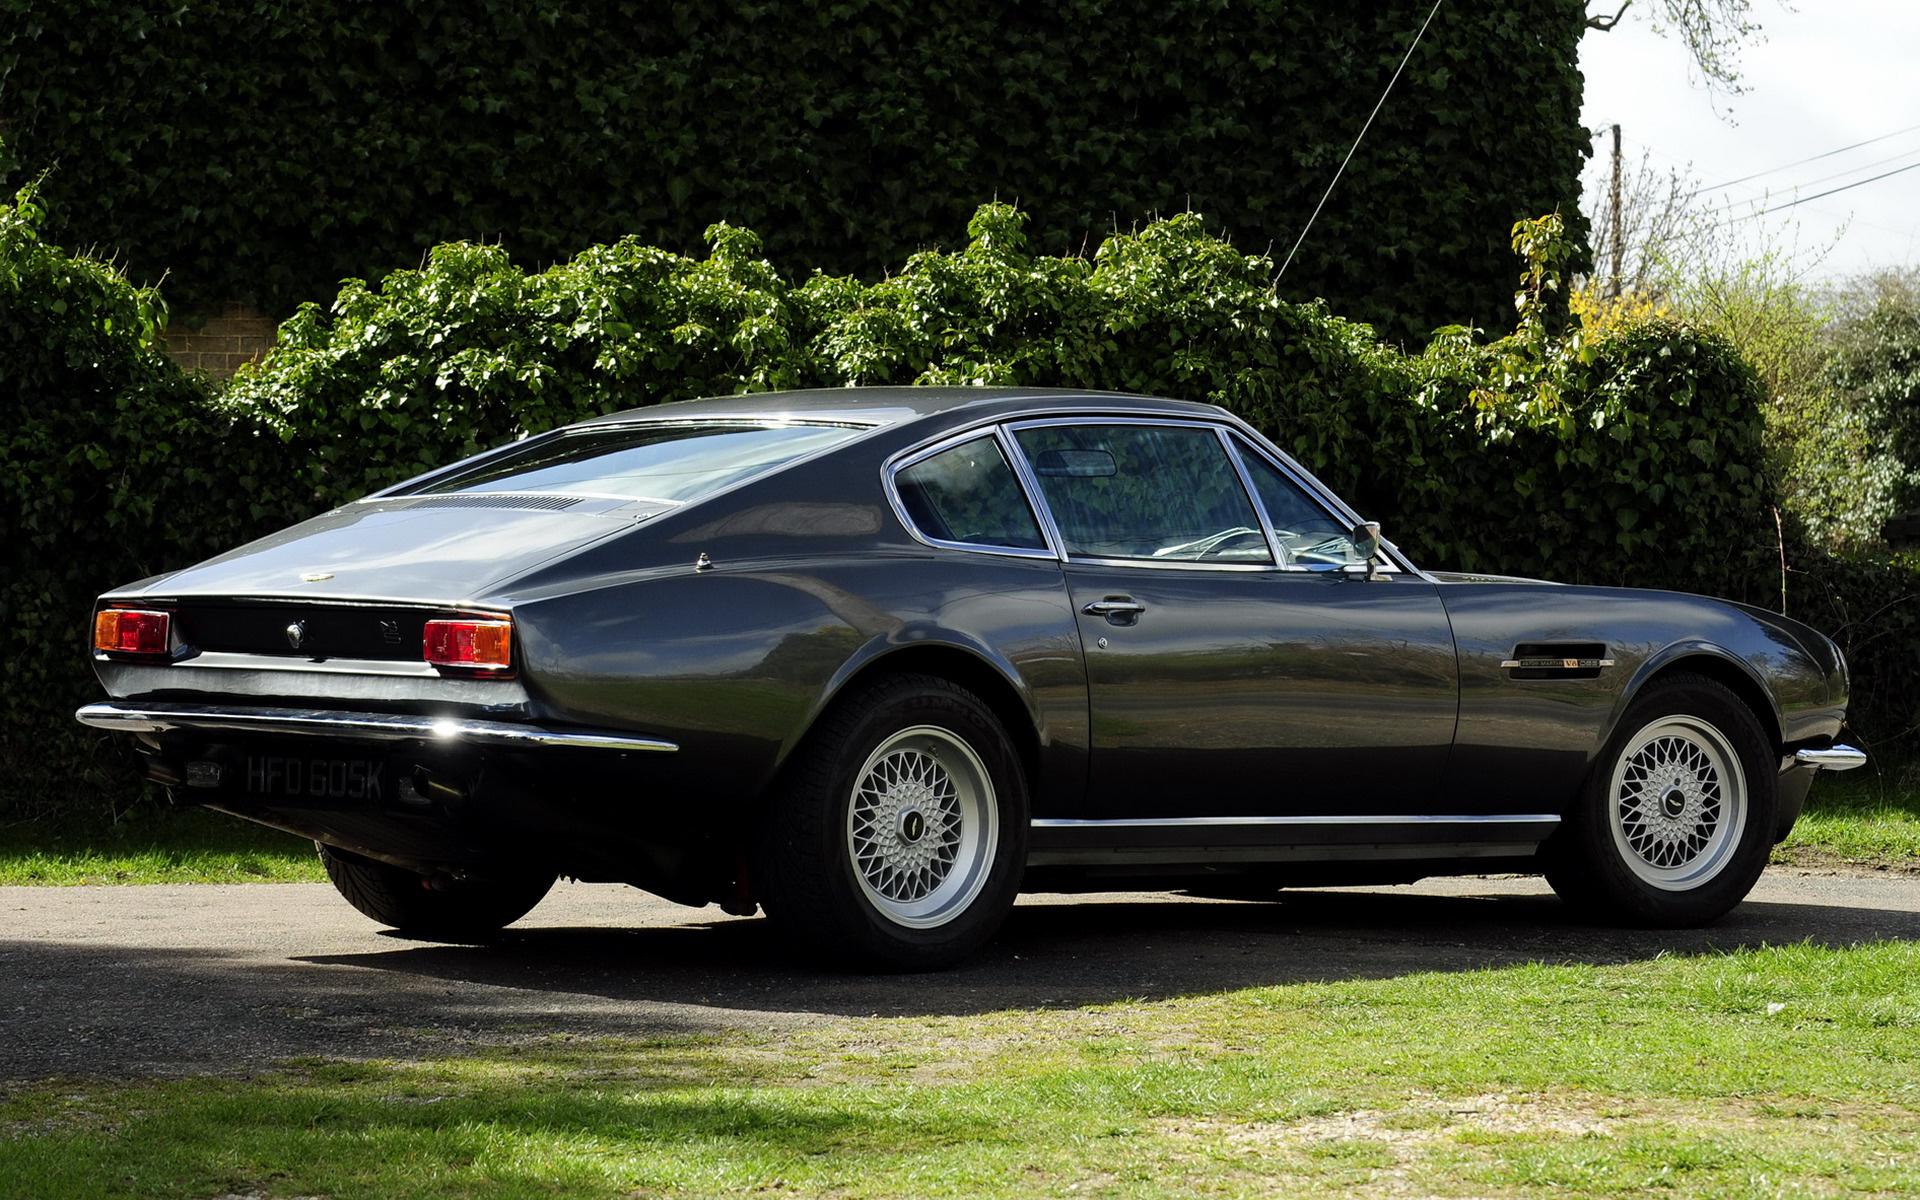 Aston Martin Dbs V Car Wallpaper